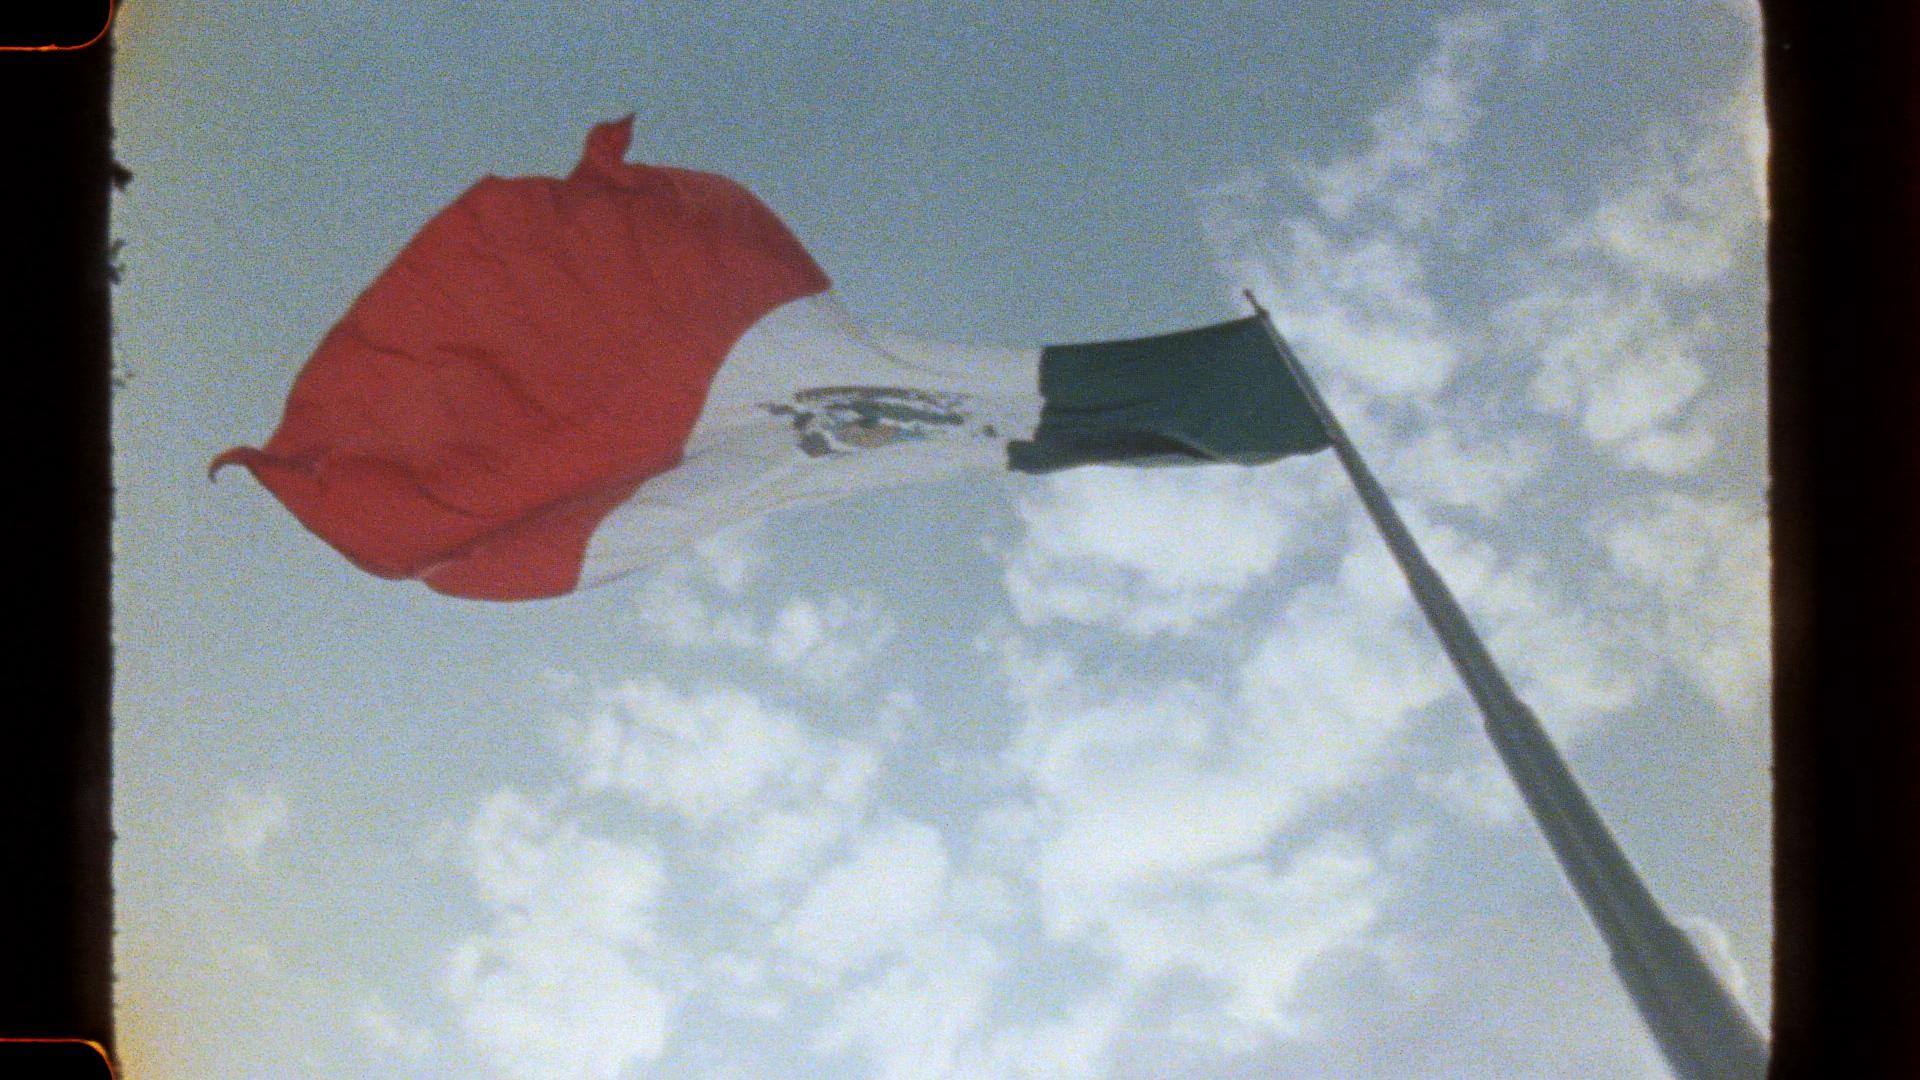 HERMANOS_01_MEXICO_DIGITAL_FINAL.01_14_46_14.Still012.jpg